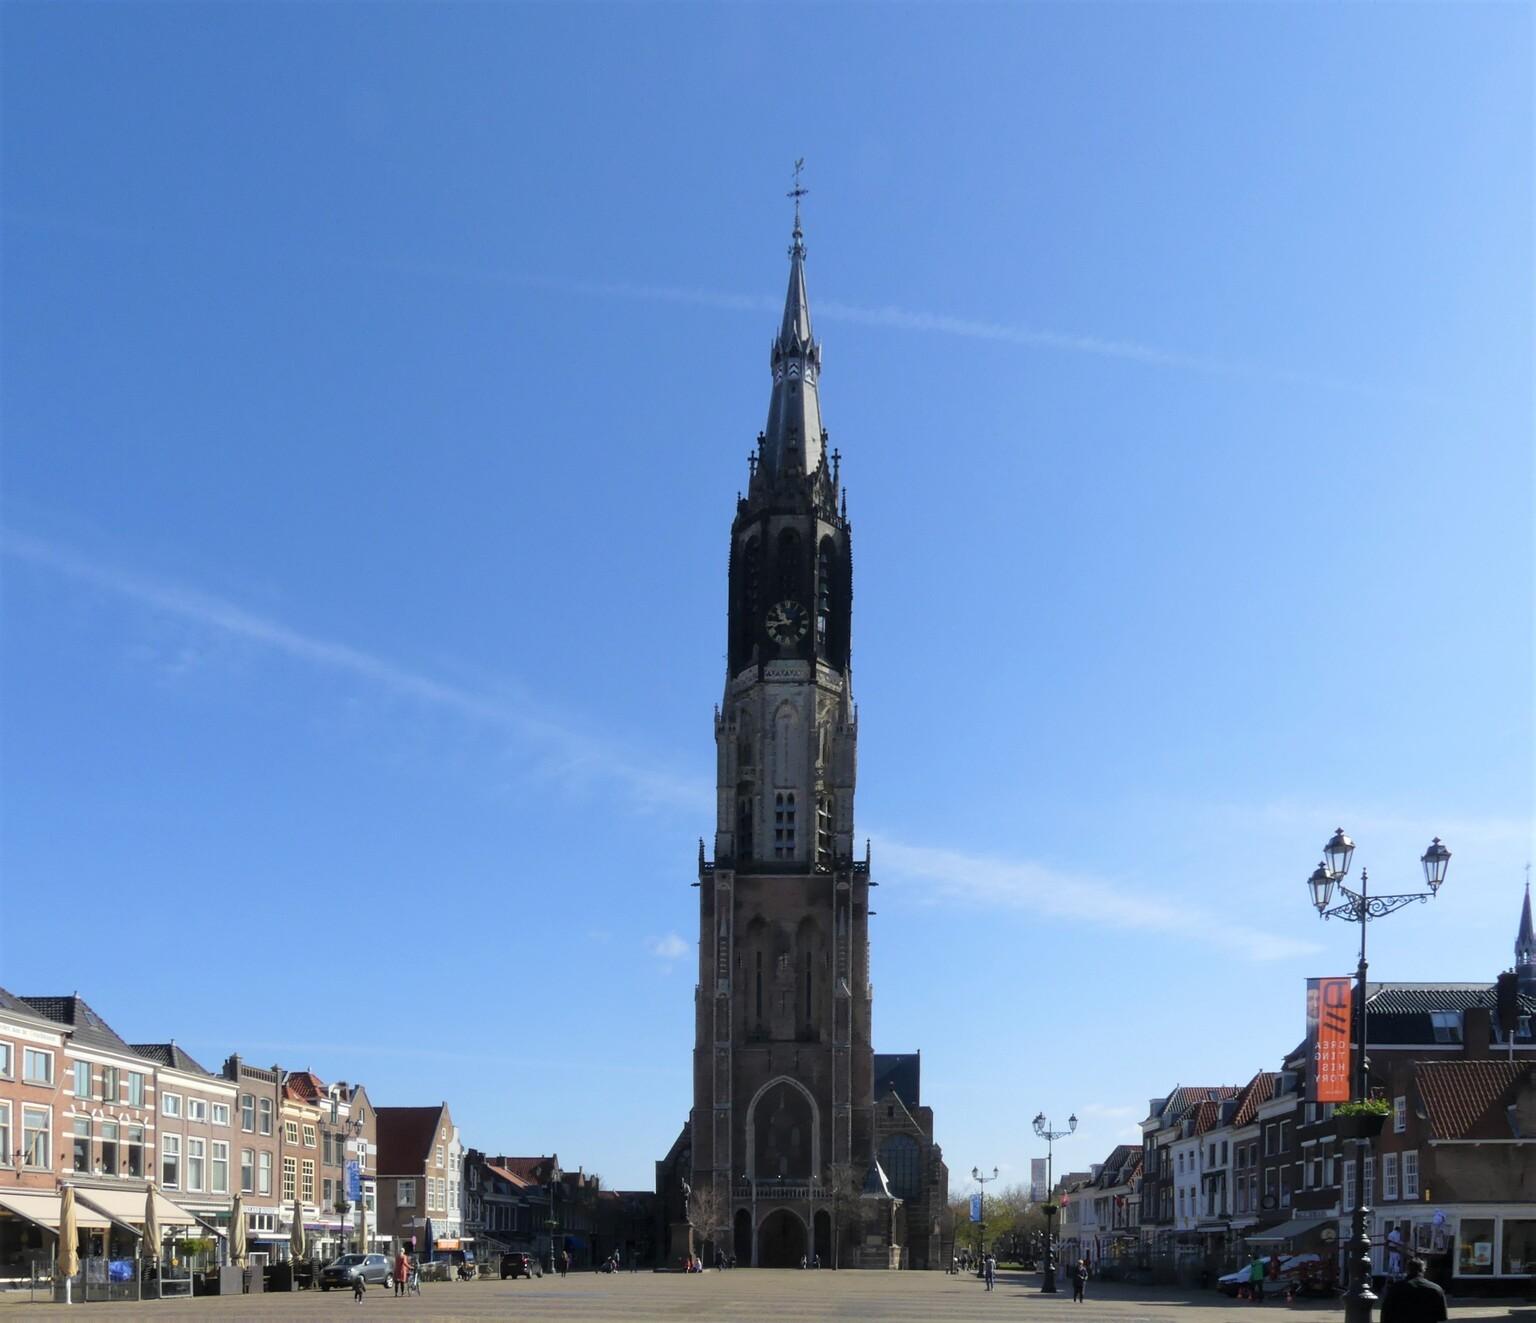 P1140738  Nieuwe Kerk DELFT    23 april 2021  - Hallo Zoomers  . GROOT kijken  . Gisteren mooi weer en deze keer een rondje DELFT en omg gefietst . Uiteraard kijk ik dan ook altijd even bij de Mark - foto door jmdries op 24-04-2021 - locatie: Markt, 2611 GP Delft, Nederland - deze foto bevat: nieuwe kerk delft, lucht, gebouw, toren, wolk, venster, stad, toren, facade, spits, torenblok